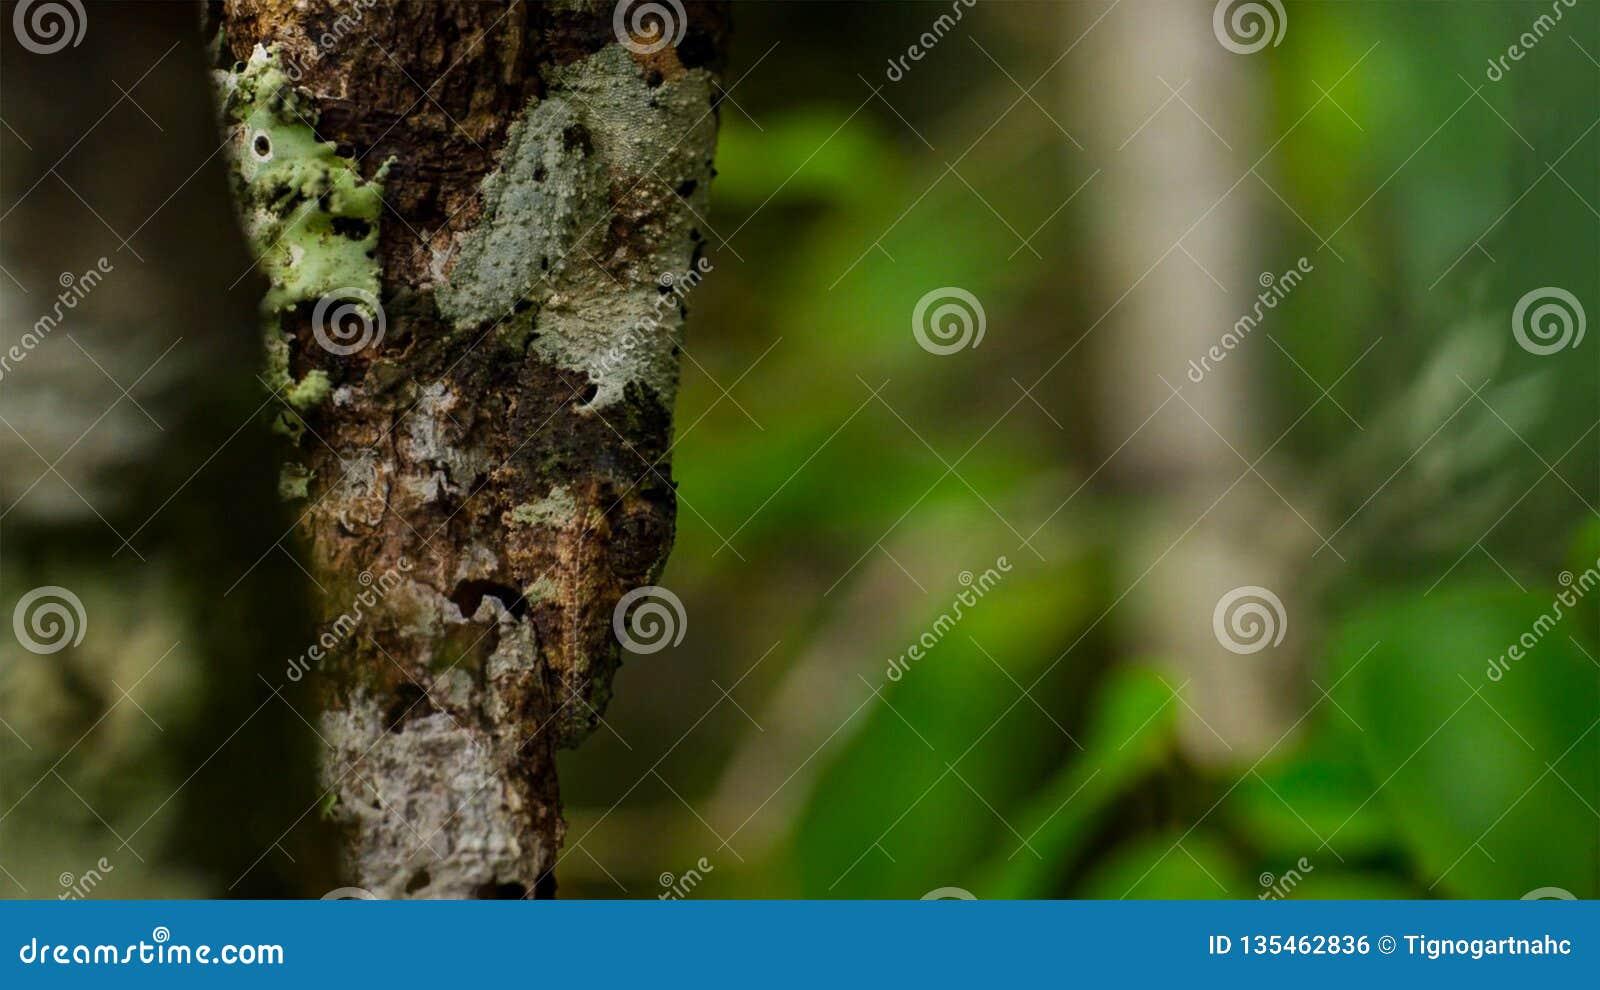 Blad-de steel verwijderde van gekko, Uroplatus-sikorae, species van gekko met de capaciteit om zijn huidkleur te veranderen om zi